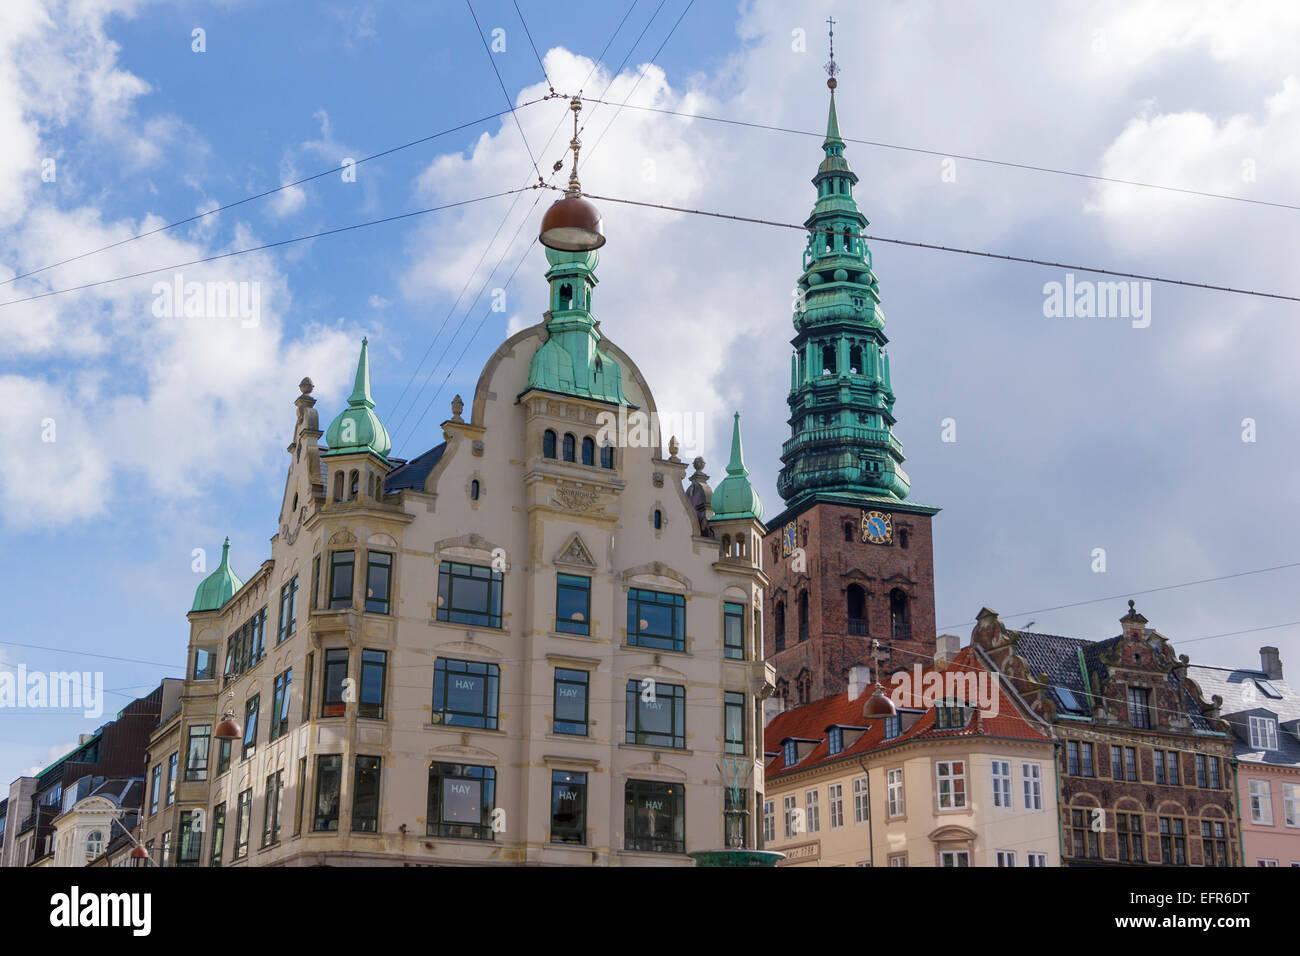 Copenhagen buidlings and the spire of Nikolaj former church, Denmark Stock Photo